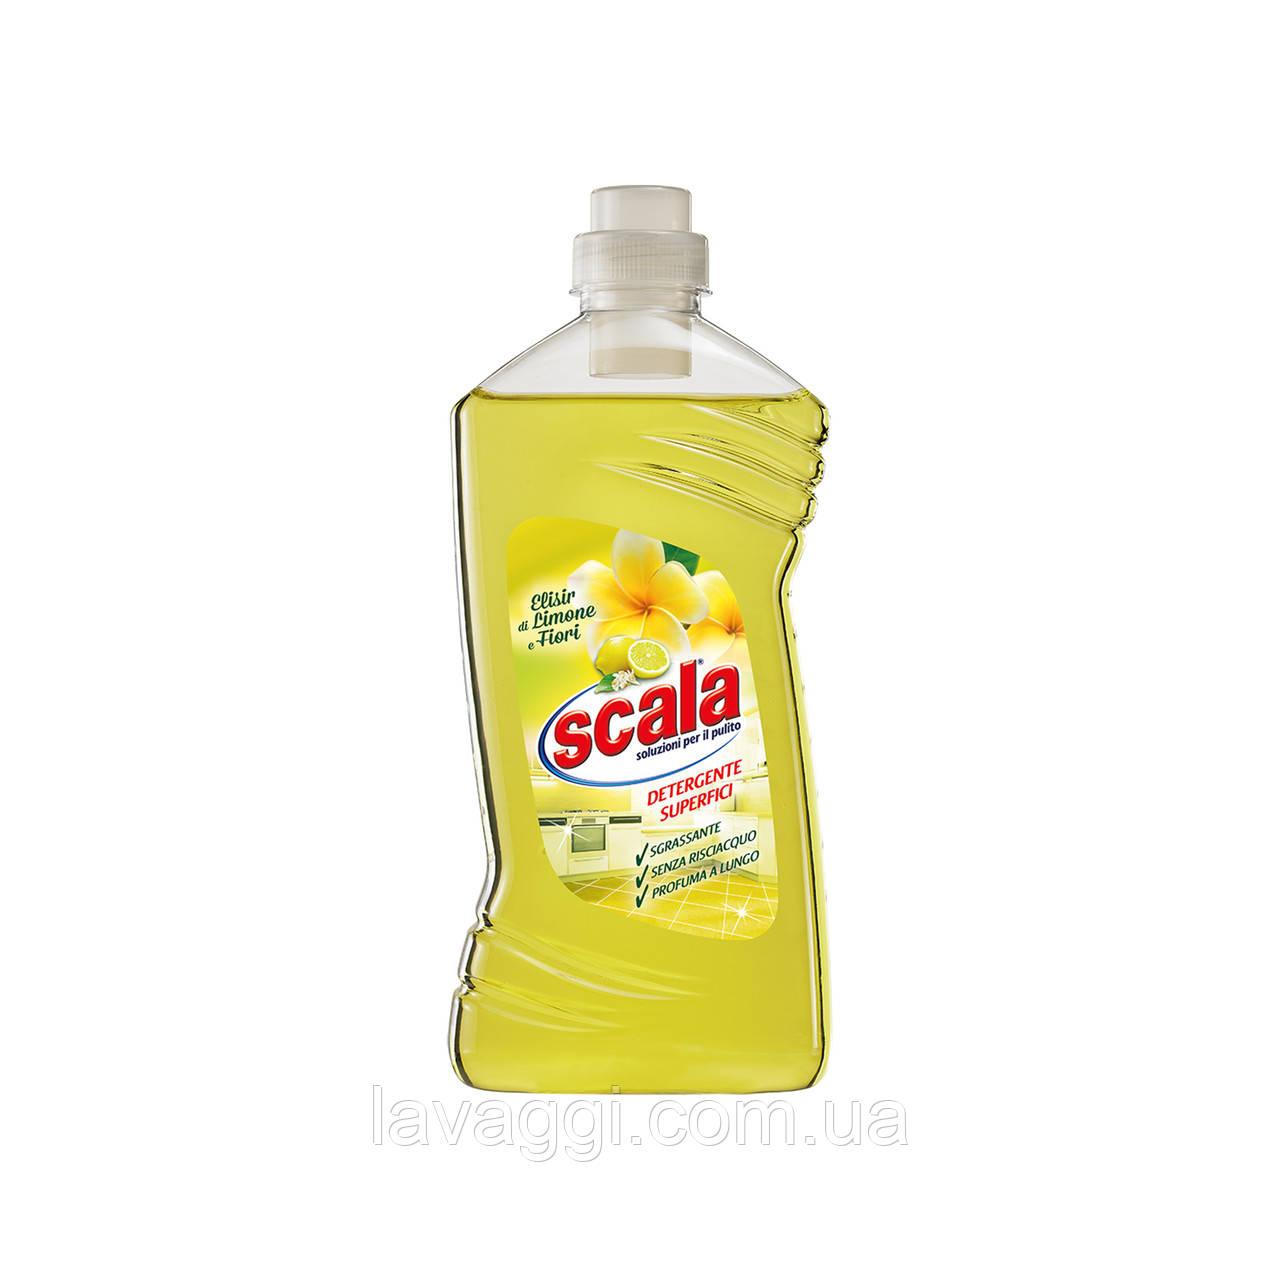 Средство для мытья полов и других поверхностей Scala Detergente Superfici Elisir di Limone e Fiori 1L